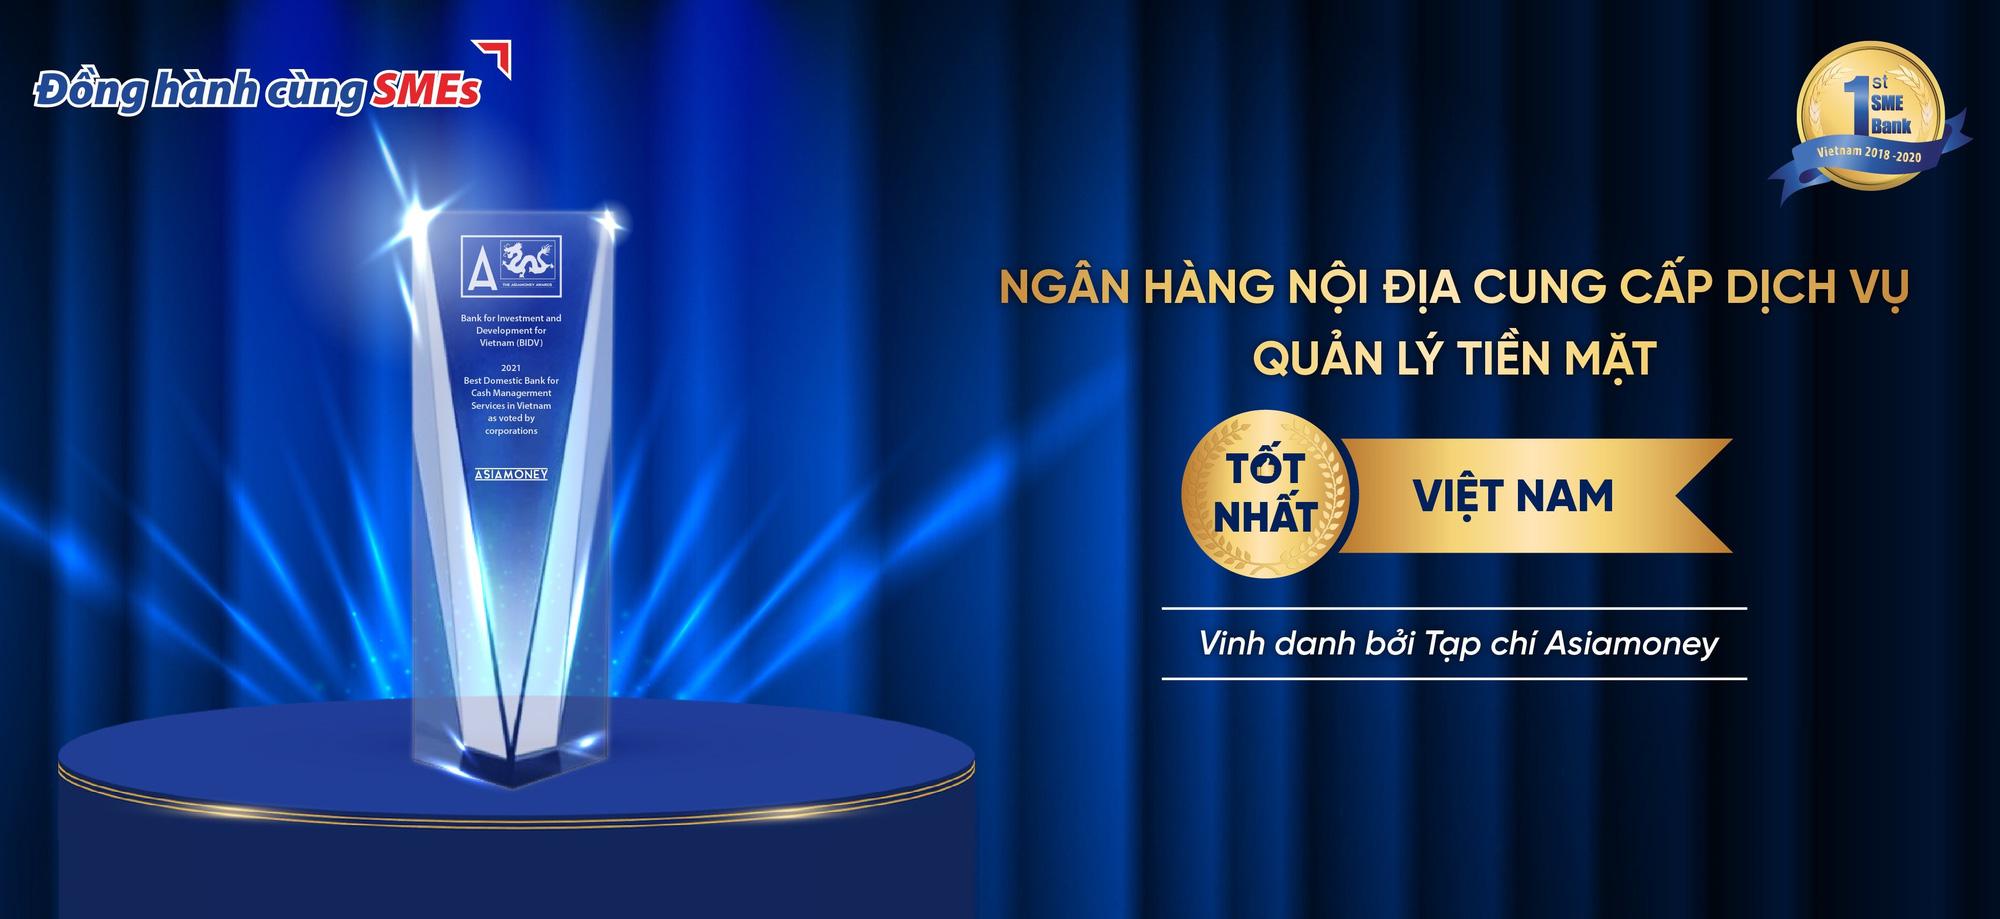 """BIDV nhận giải thưởng """"Dịch vụ quản lý tiền mặt tốt nhất"""" - Ảnh 1."""